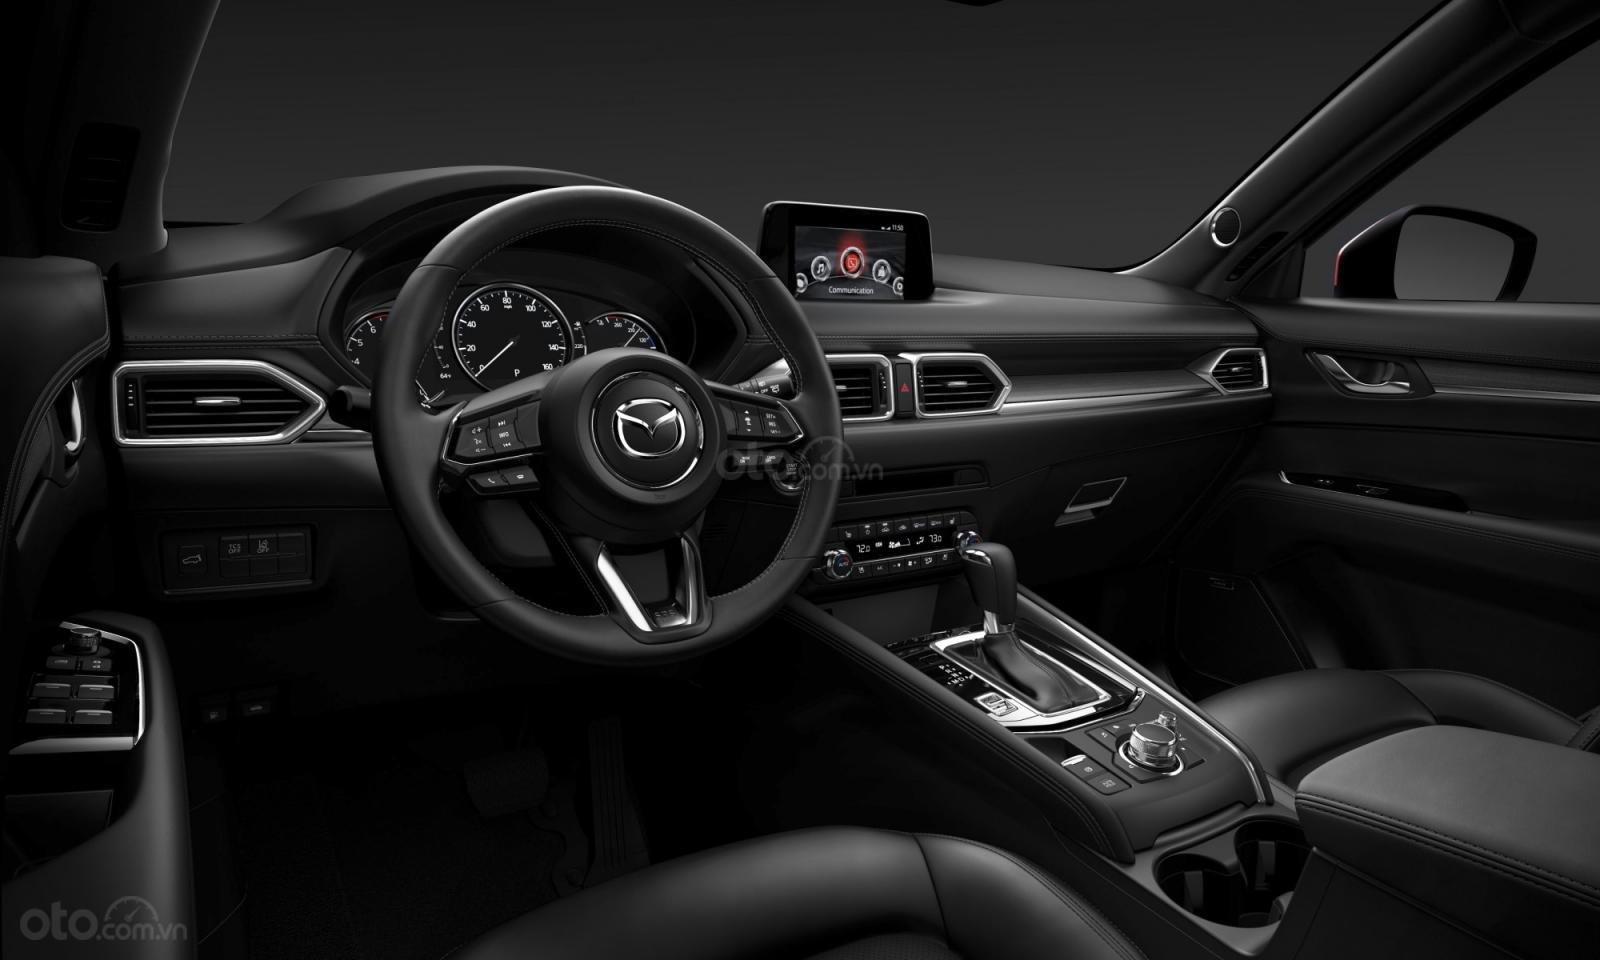 Mazda Phú Mỹ Hưng - New Mazda CX 5 2.0 Deluxe 2020, giá 844 triệu và ưu đãi tháng 03 (5)